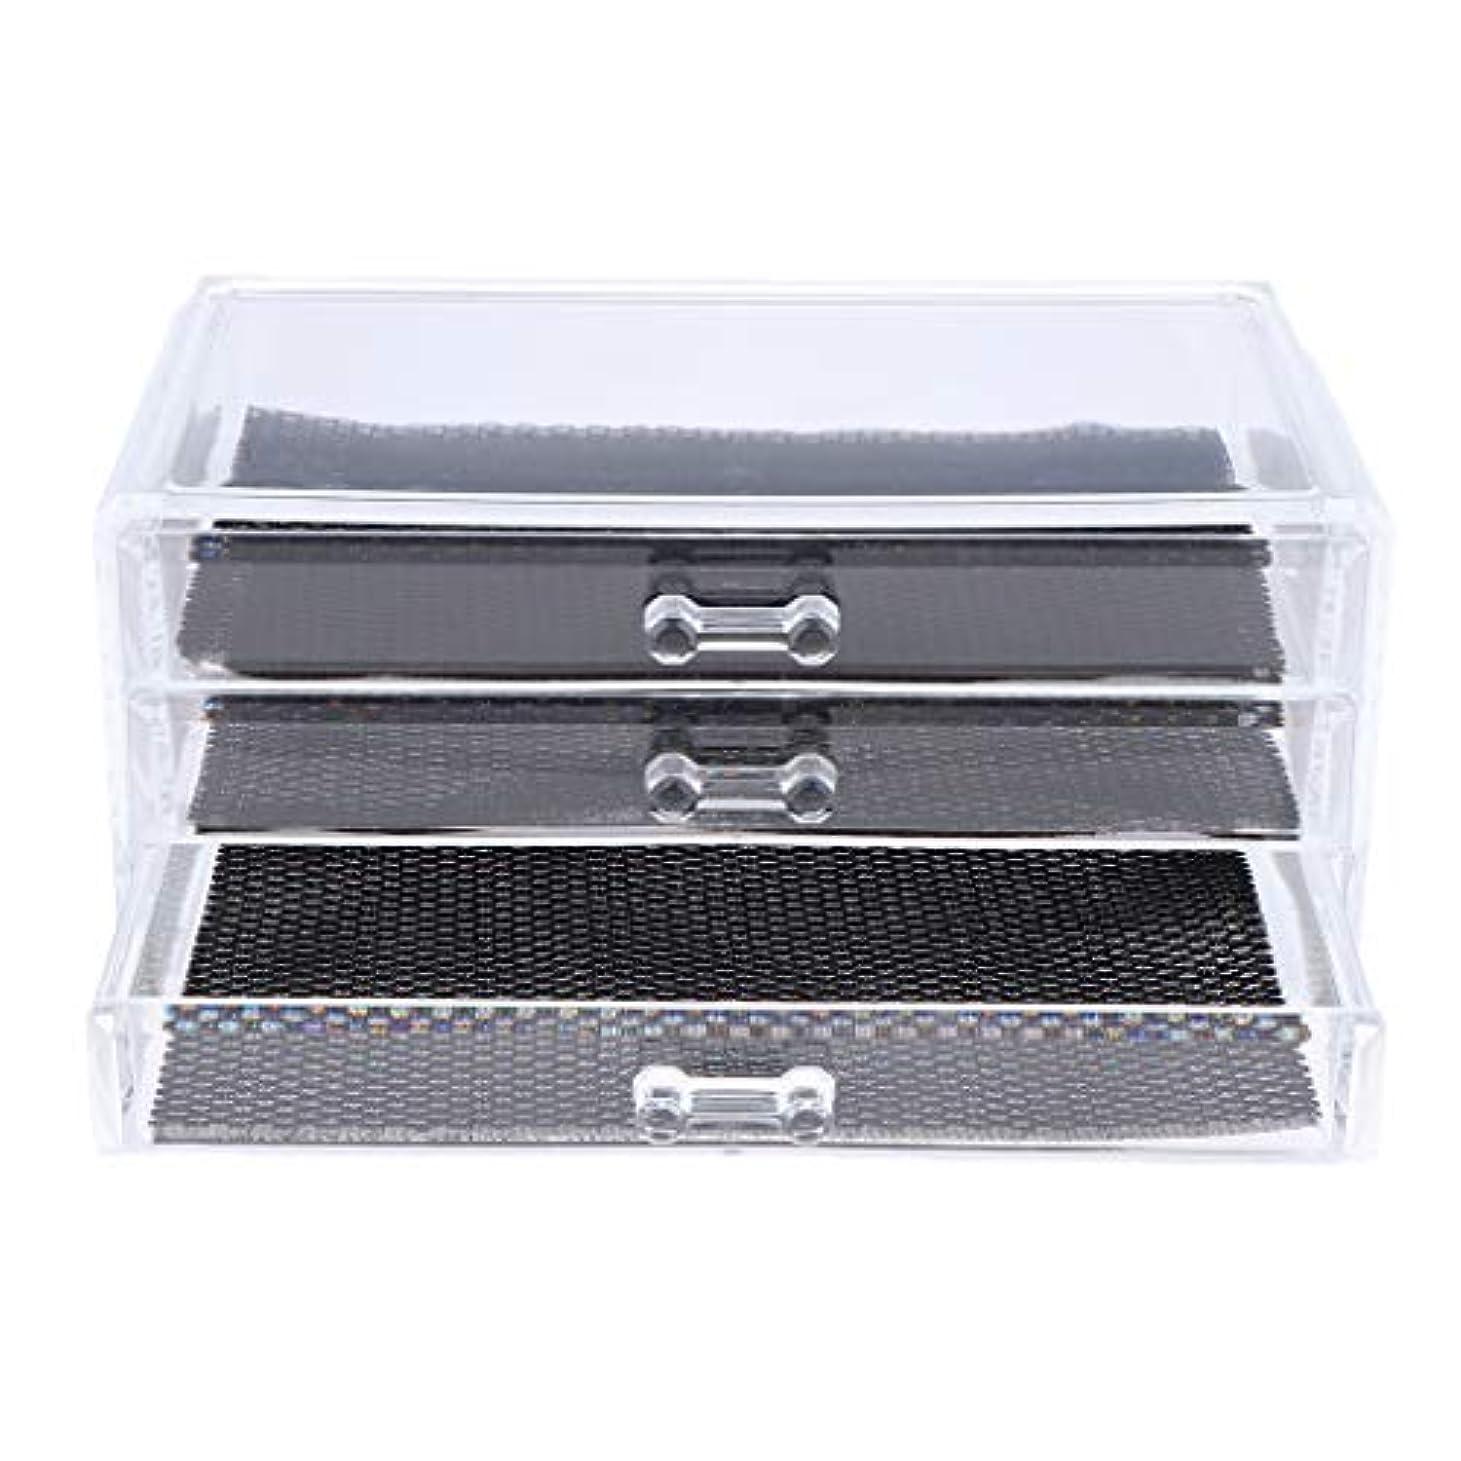 法医学深遠牧草地Perfeclan 化粧品収納ボックス メイクケース 化粧品収納整理 防塵 透明 コスメ収納ボックス 引き出し式 全3種 - 3つの引き出し